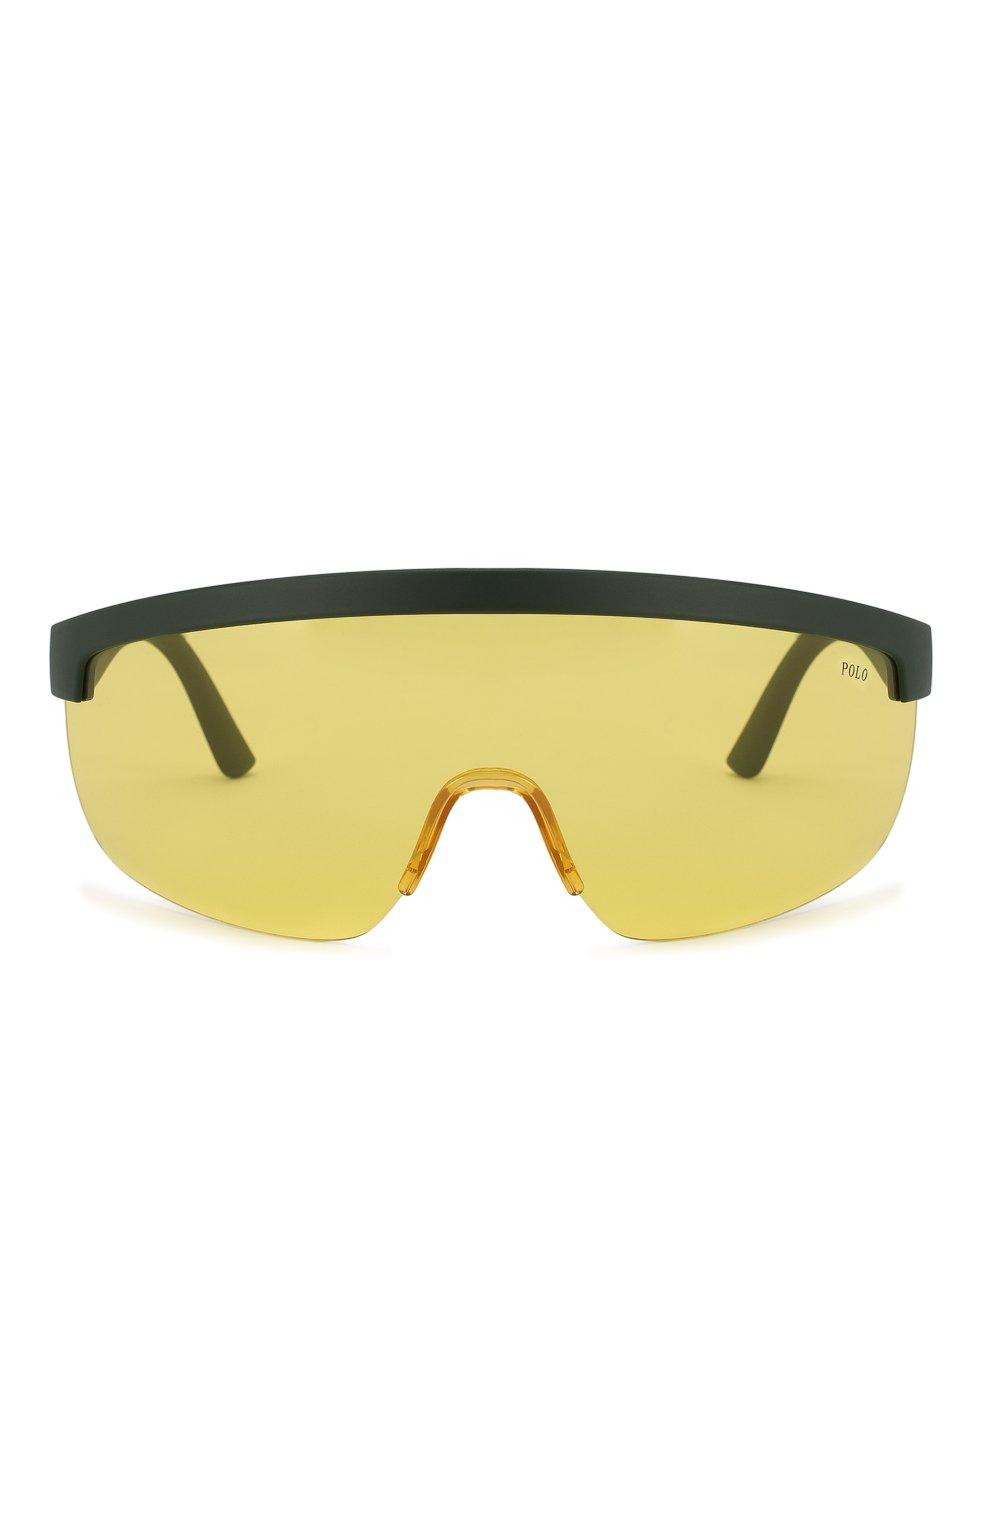 Женские солнцезащитные очки RALPH LAUREN желтого цвета, арт. 4156-582085 | Фото 4